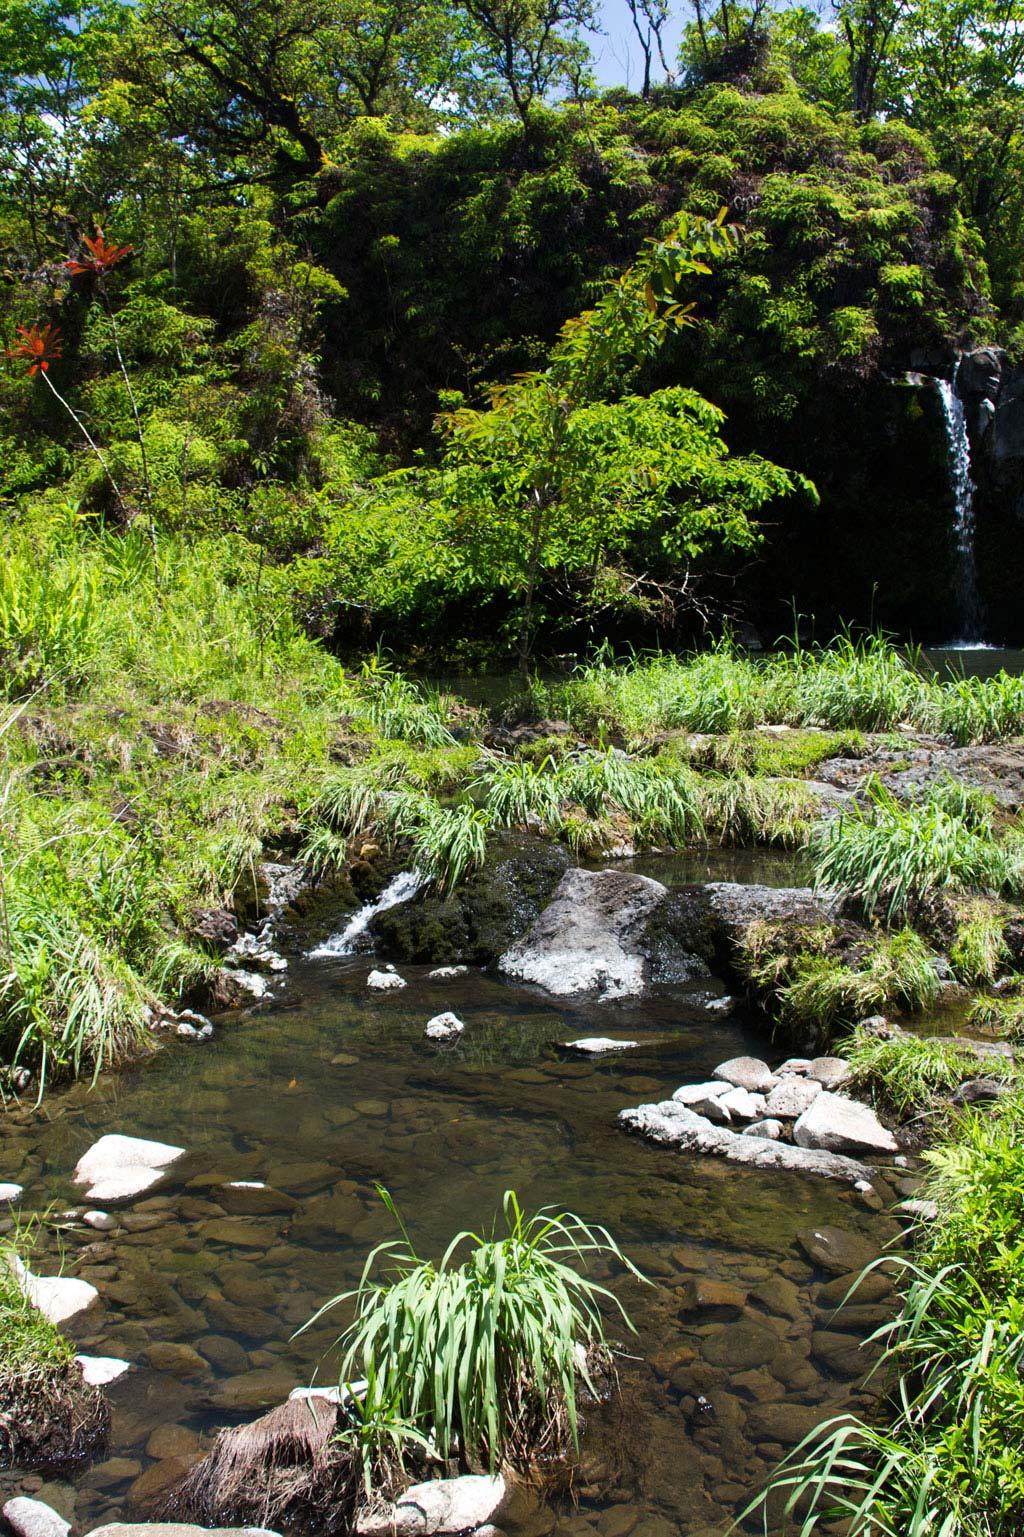 Maui Hawaii – Puaa Kaa Fall Wasserfall an der Road to Hana | SOMEWHERE ELSE